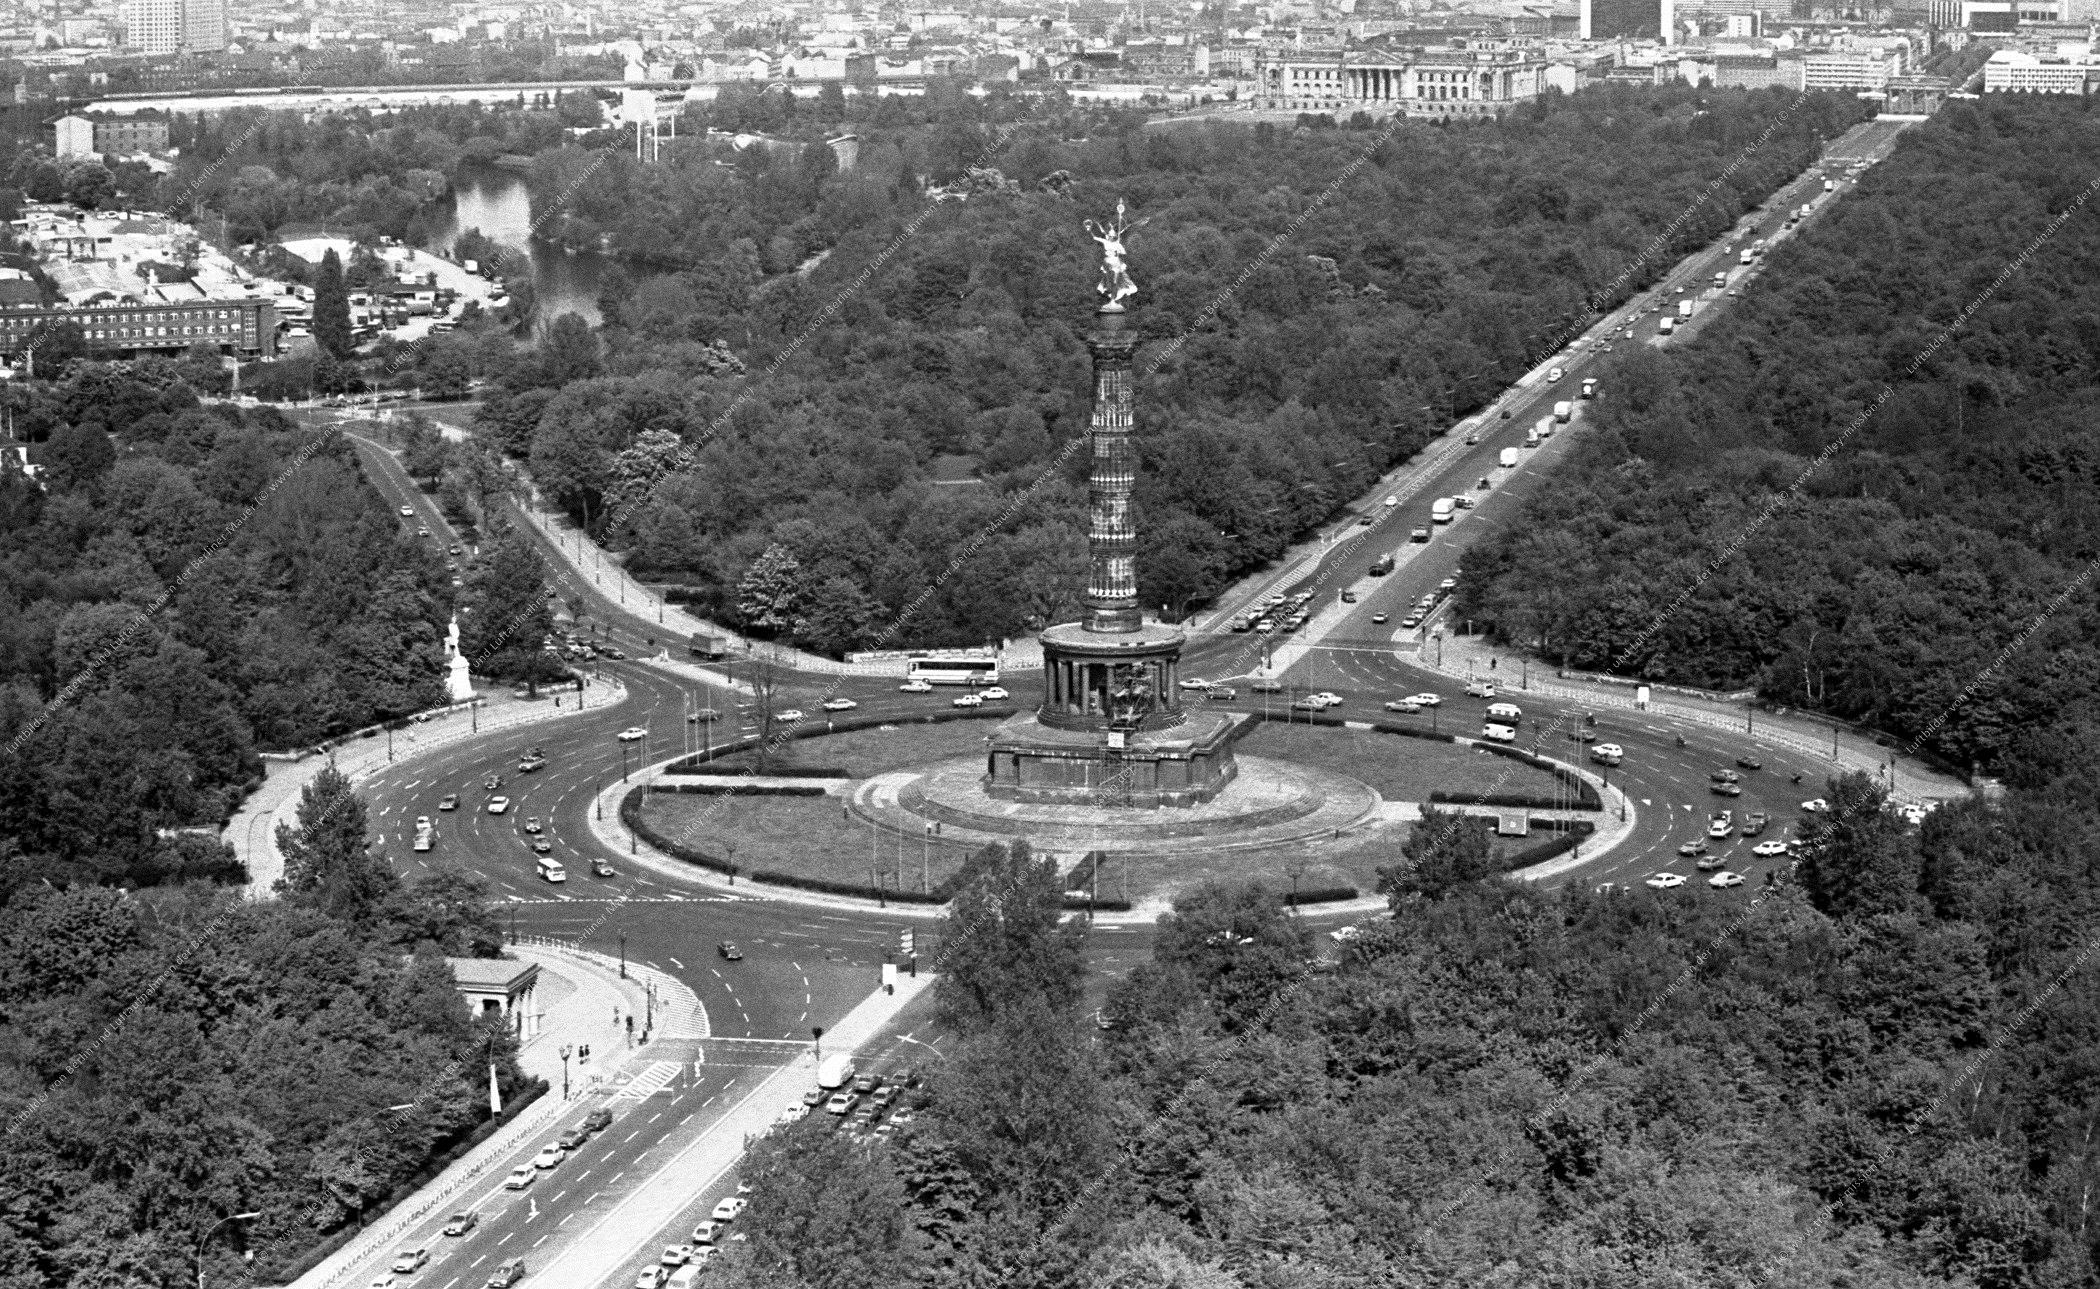 Berlin Luftbild Siegessäule am Großen Stern vom 12. Mai 1982 (Bild 052)